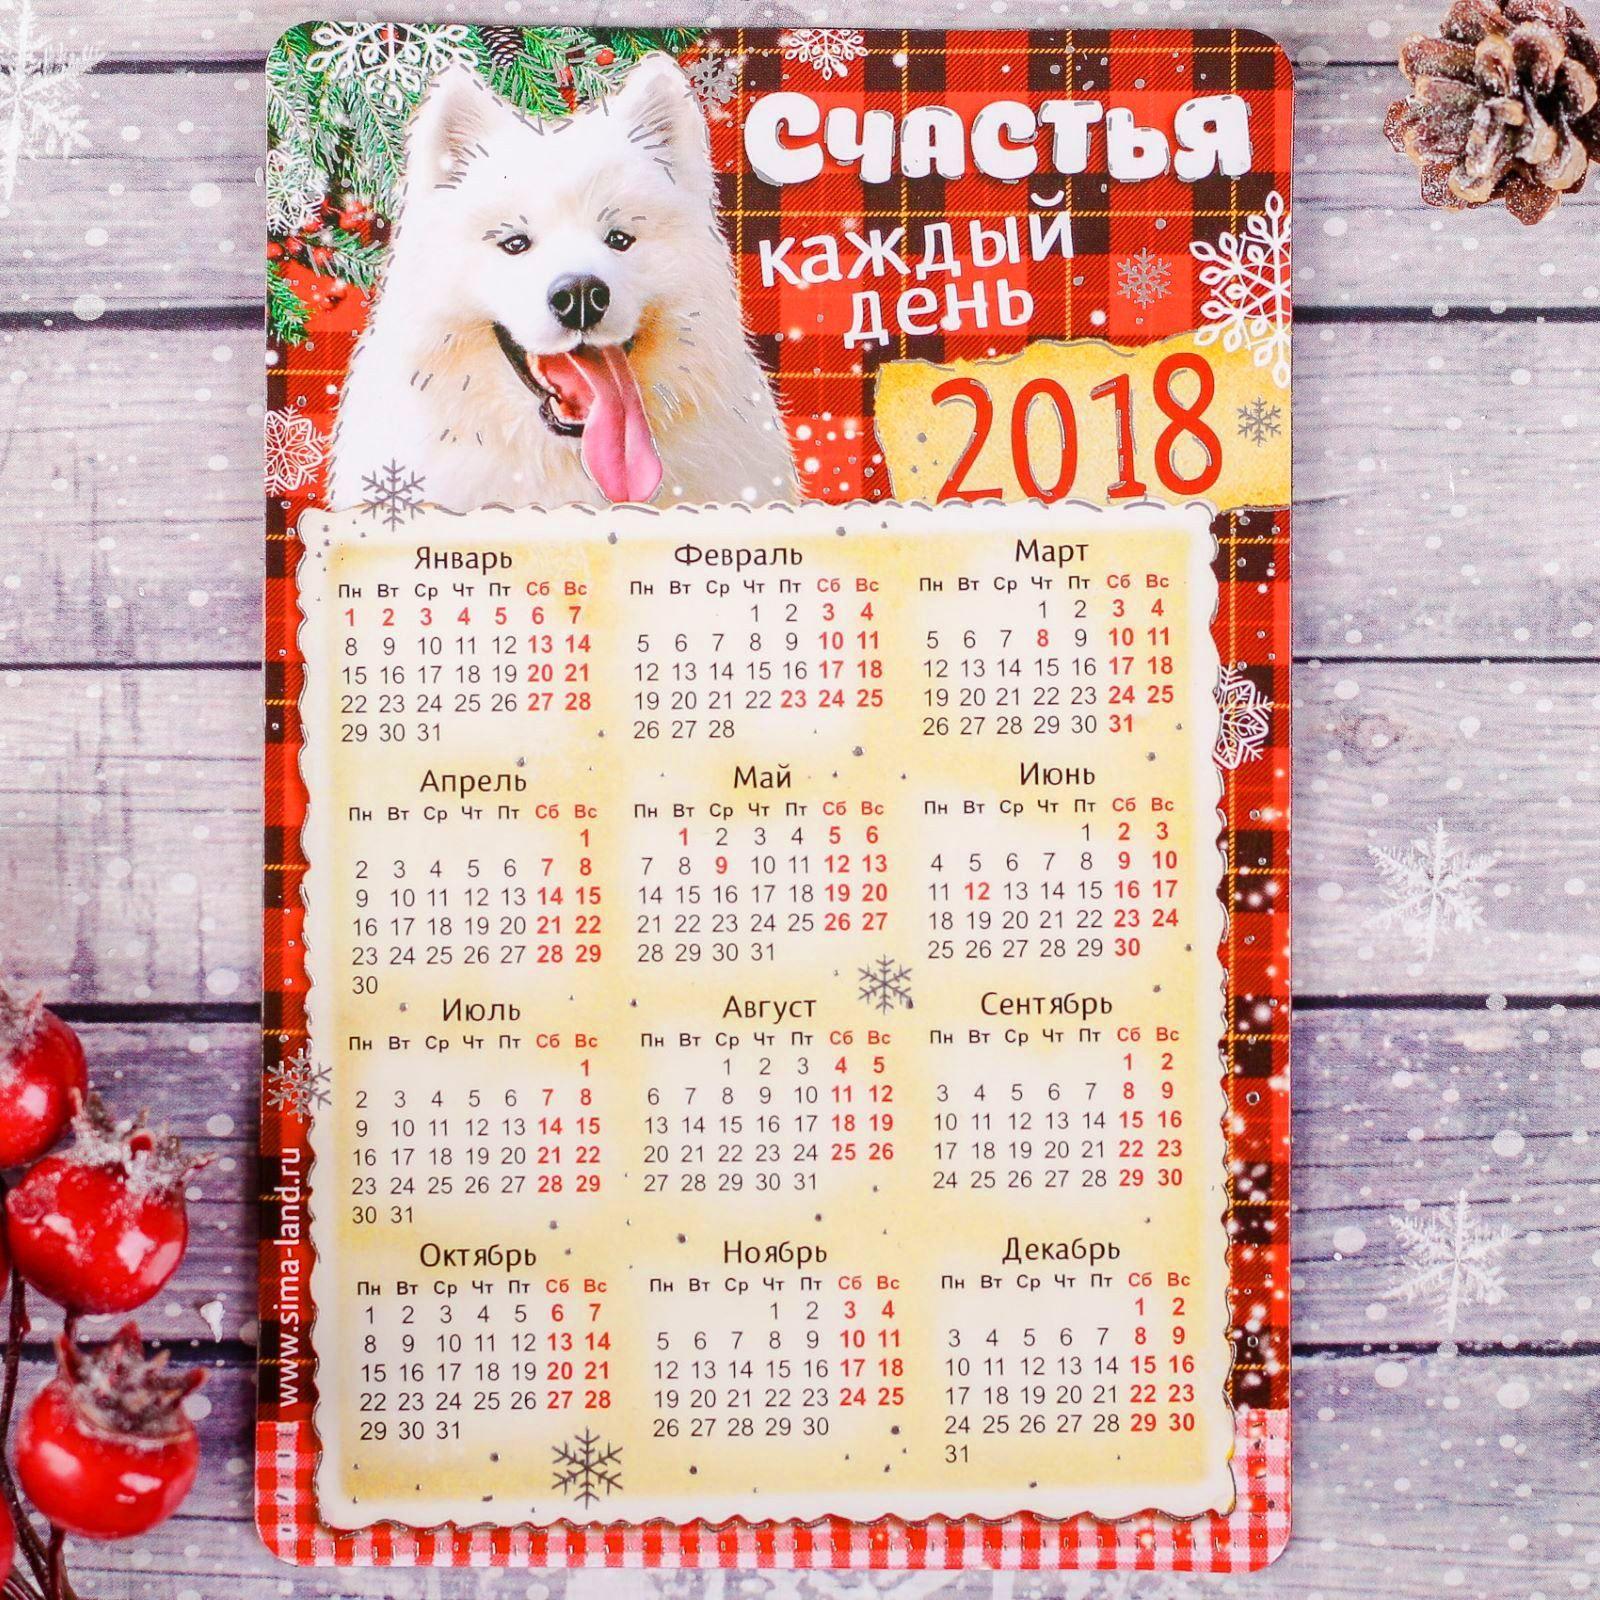 Магнит Sima-land Счастья каждый день, с календарем, 8 х 12 см1894070Порадуйте родных и близких оригинальным сувениром: преподнесите в подарок магнит. С ним даже самый серьезный человек почувствует себя ребенком, ожидающим чудо! Прикрепите его к любой металлической поверхности, и он удержит на виду важные записки, любовные послания или просто список продуктов.Создайте праздничное настроение, и оно останется с вами на весь год.